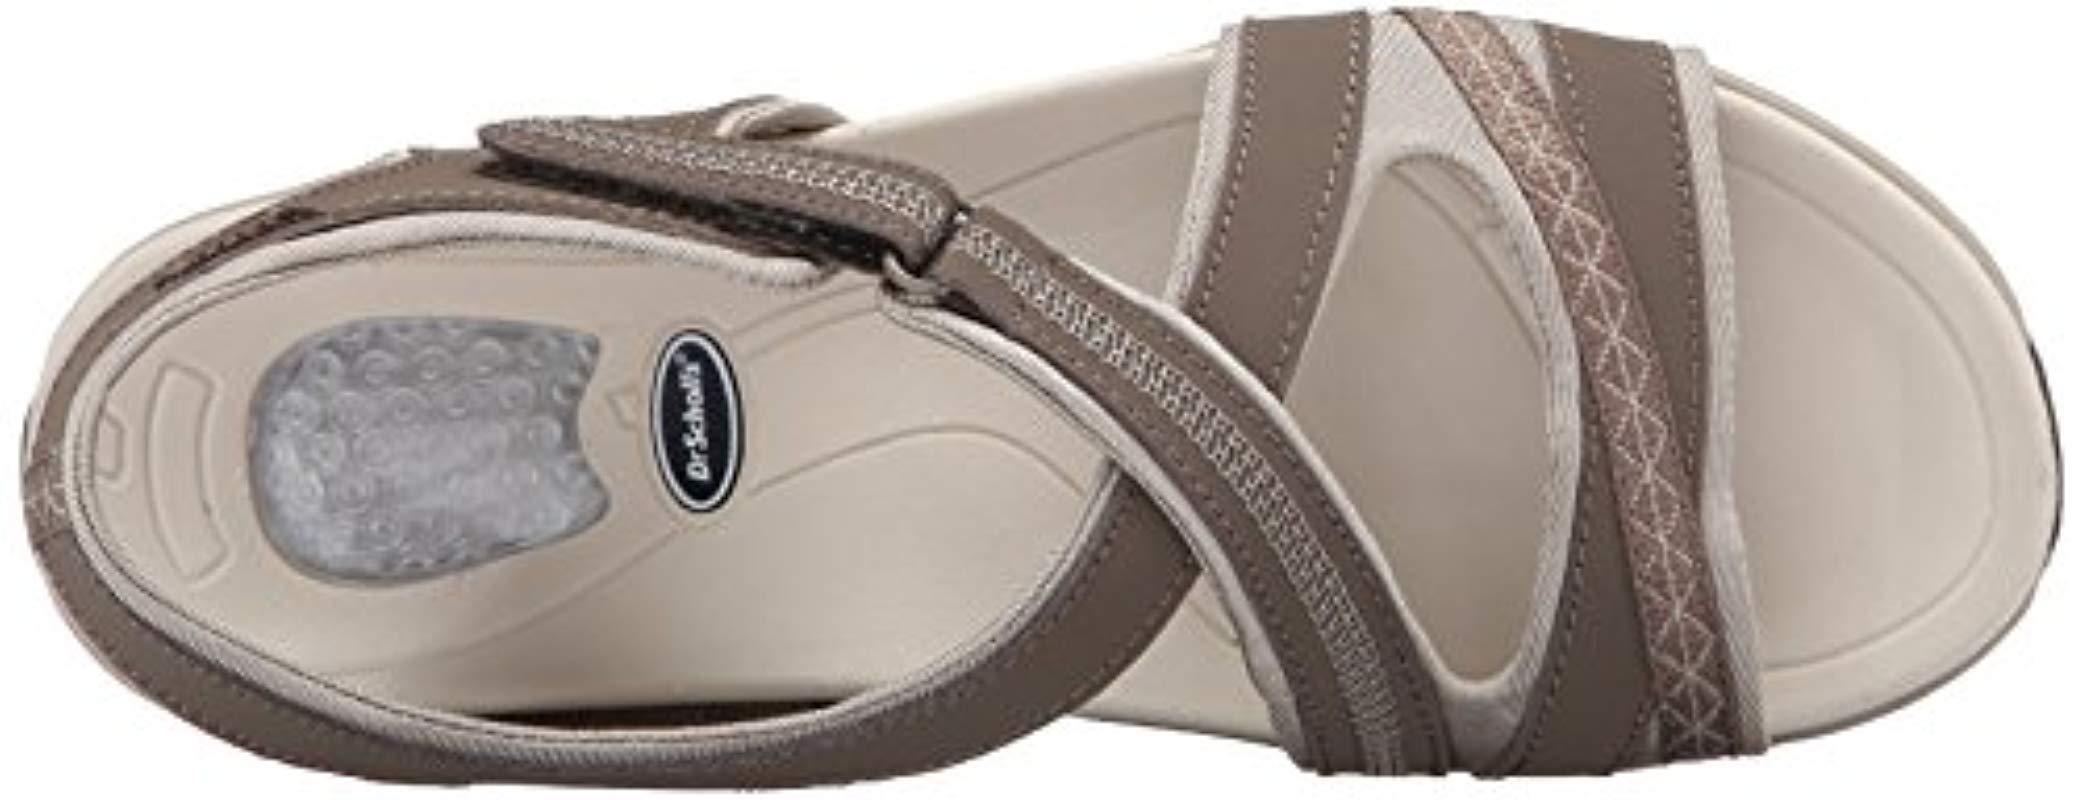 5379f29b84fa Lyst - Dr. Scholls Dr. Scholl s Panama Flat Sandal